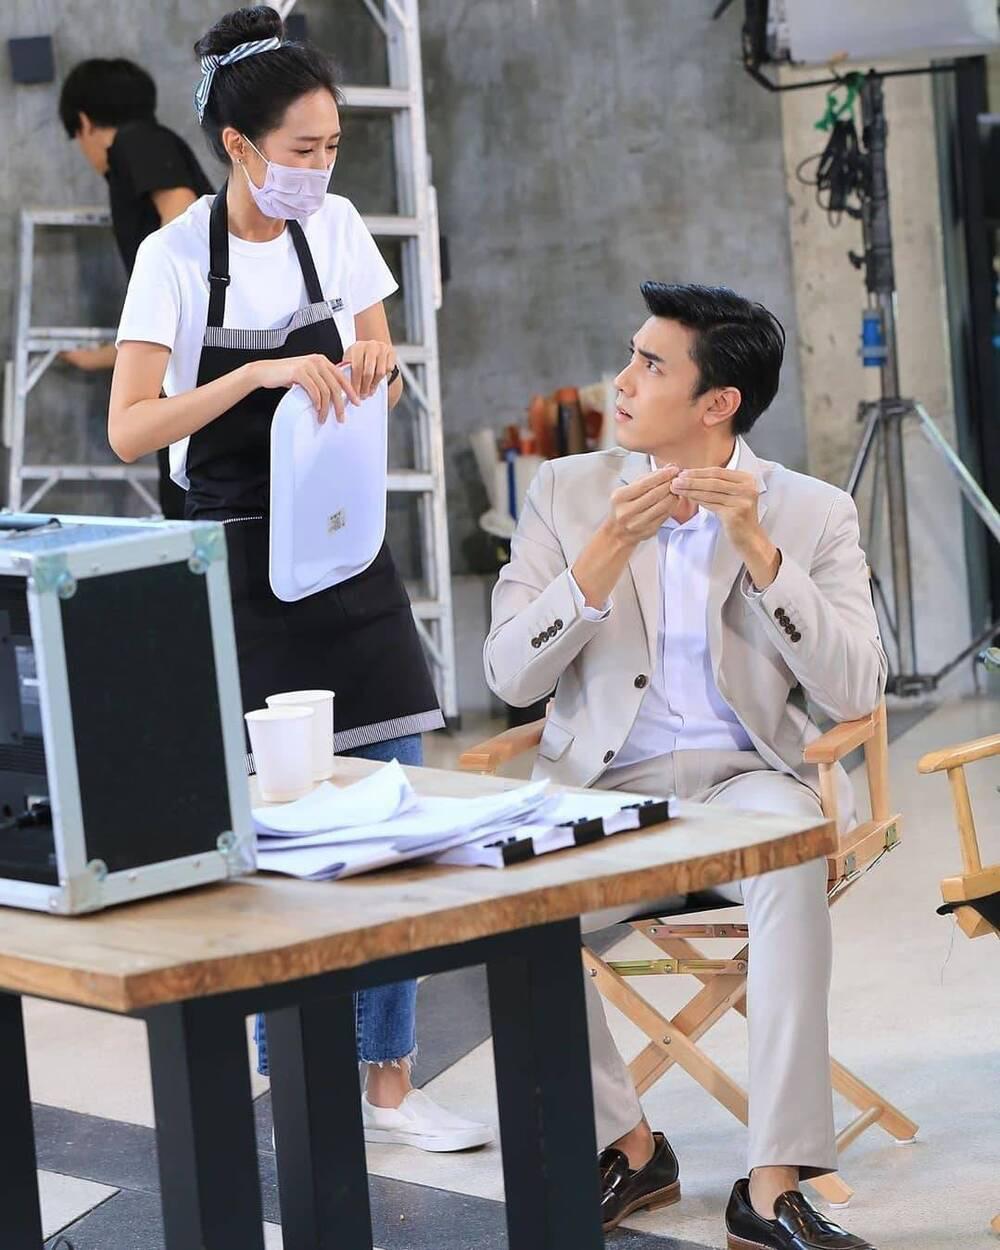 Cô Vợ Bắt Buộc - Phim Thái Lan gây bão trên Ứng dụng giải trí FPT Play - Ảnh 2.